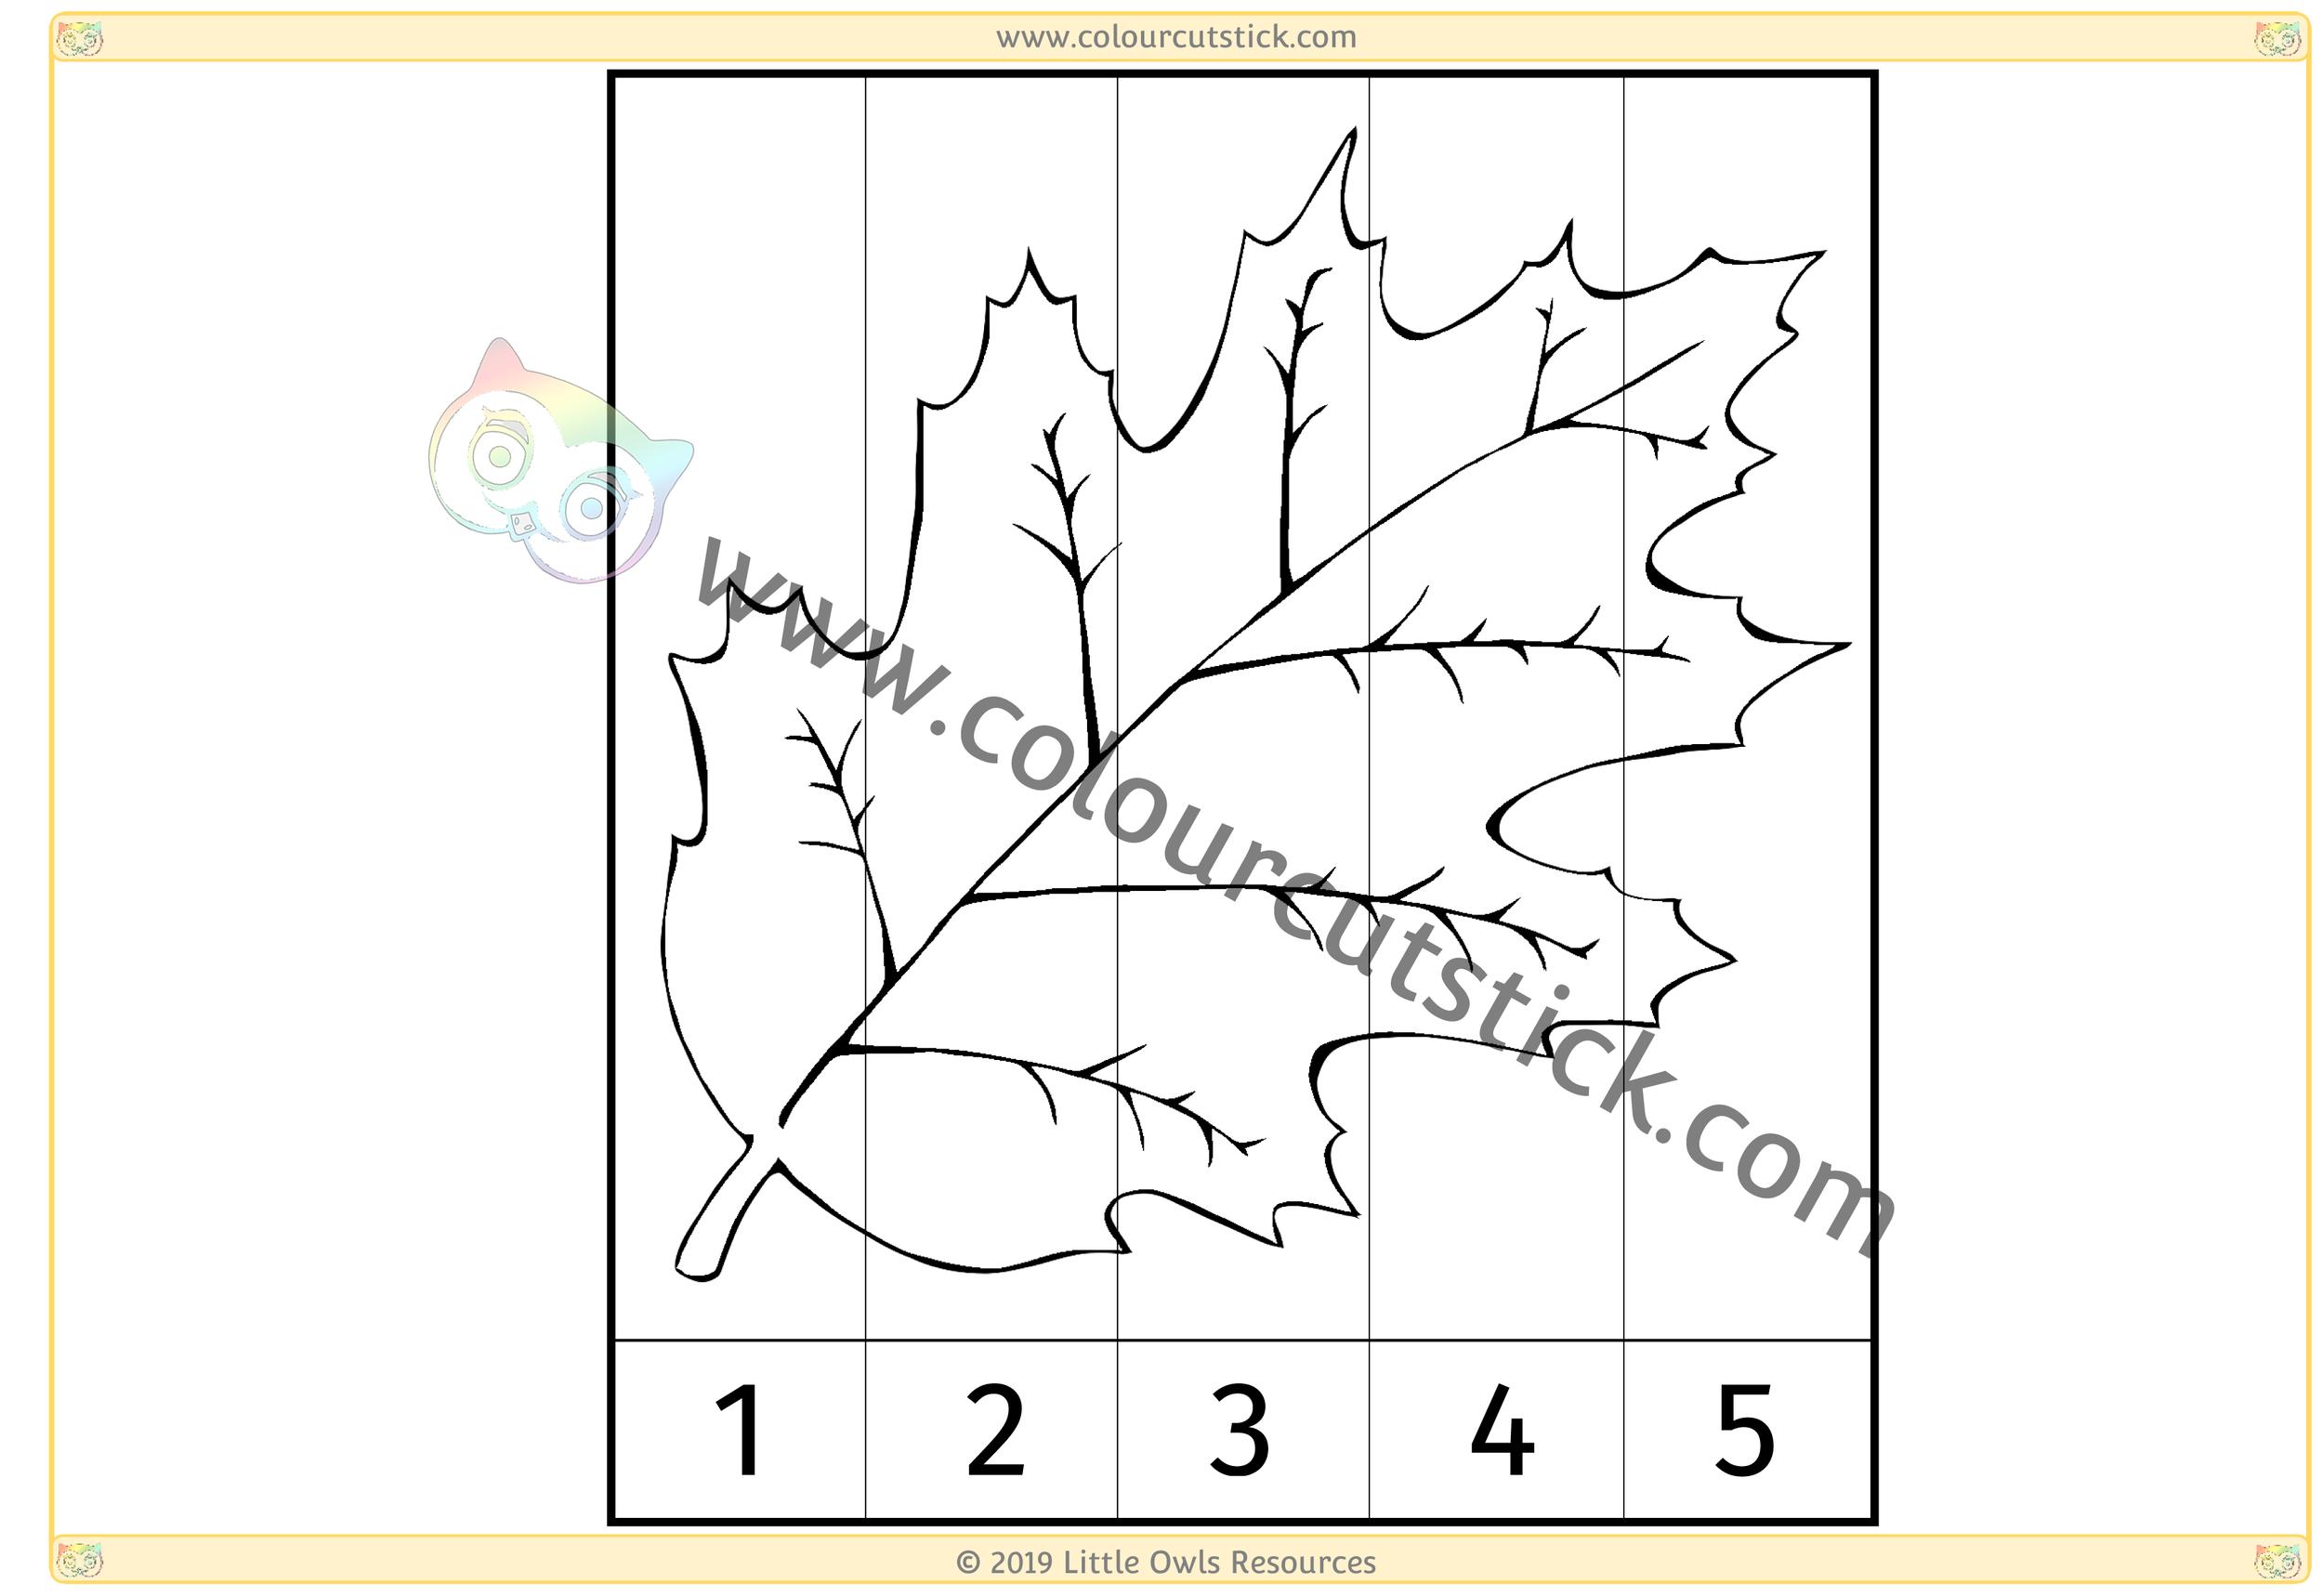 Leaf Number Slice Puzzle 1-5 -